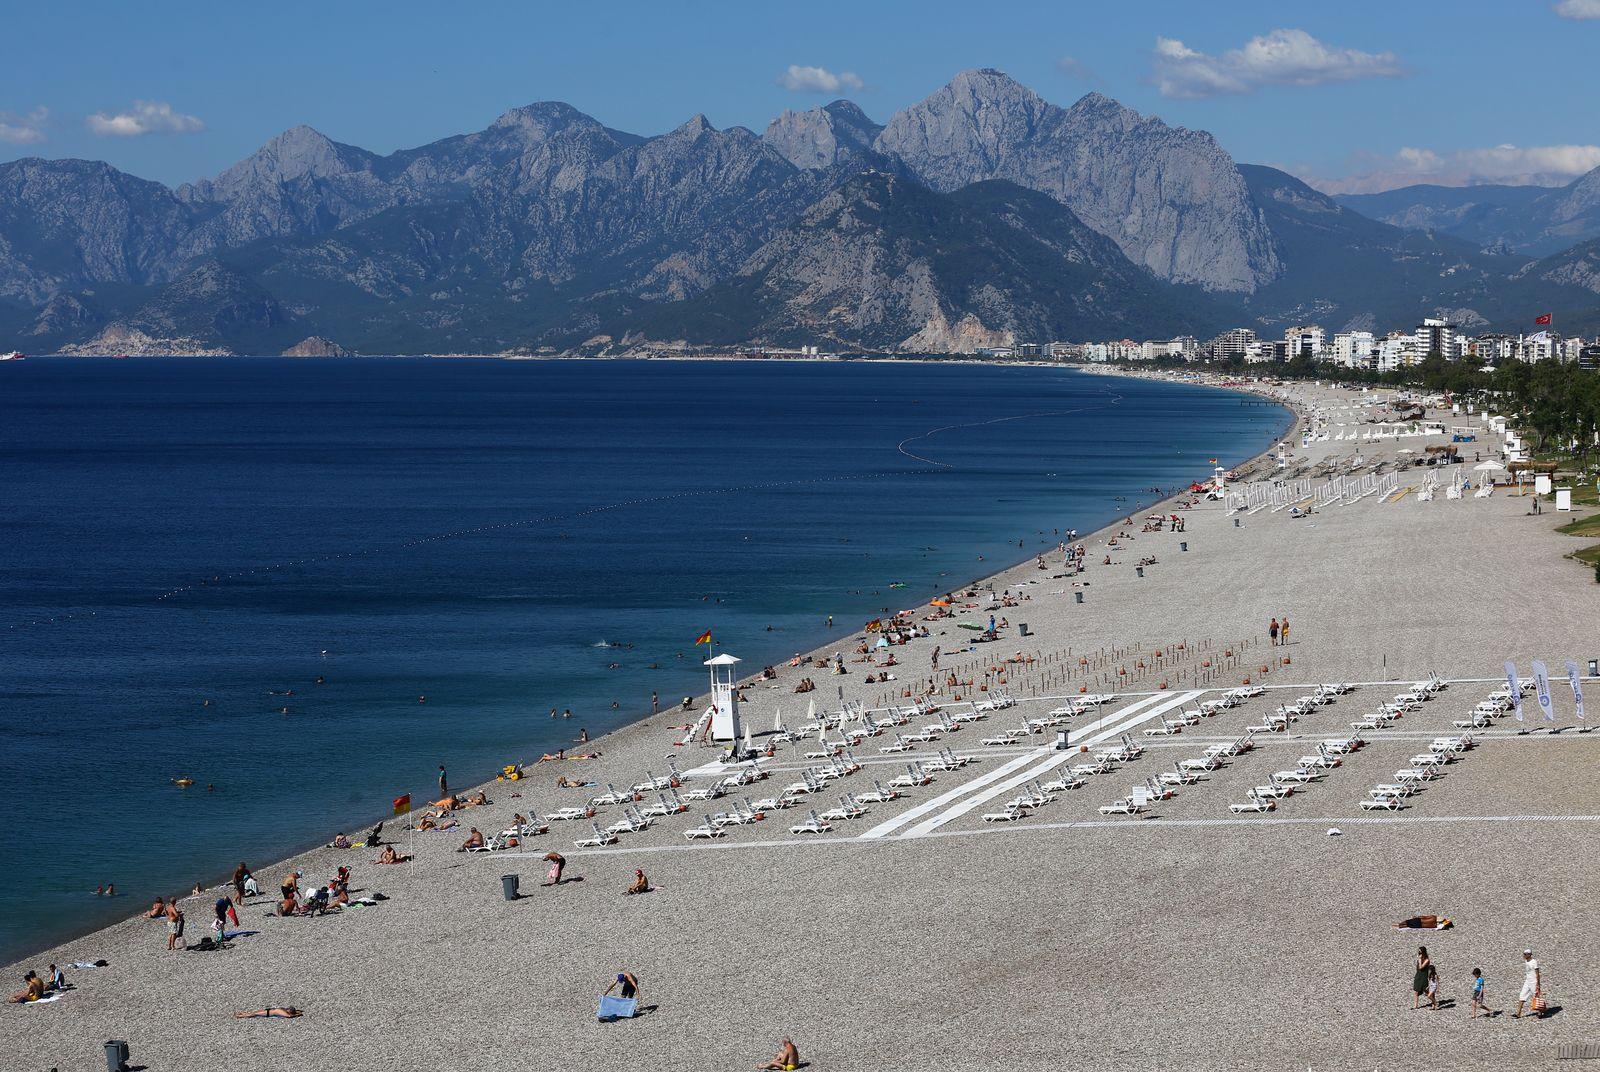 General view of Konyaalti beach in Antalya